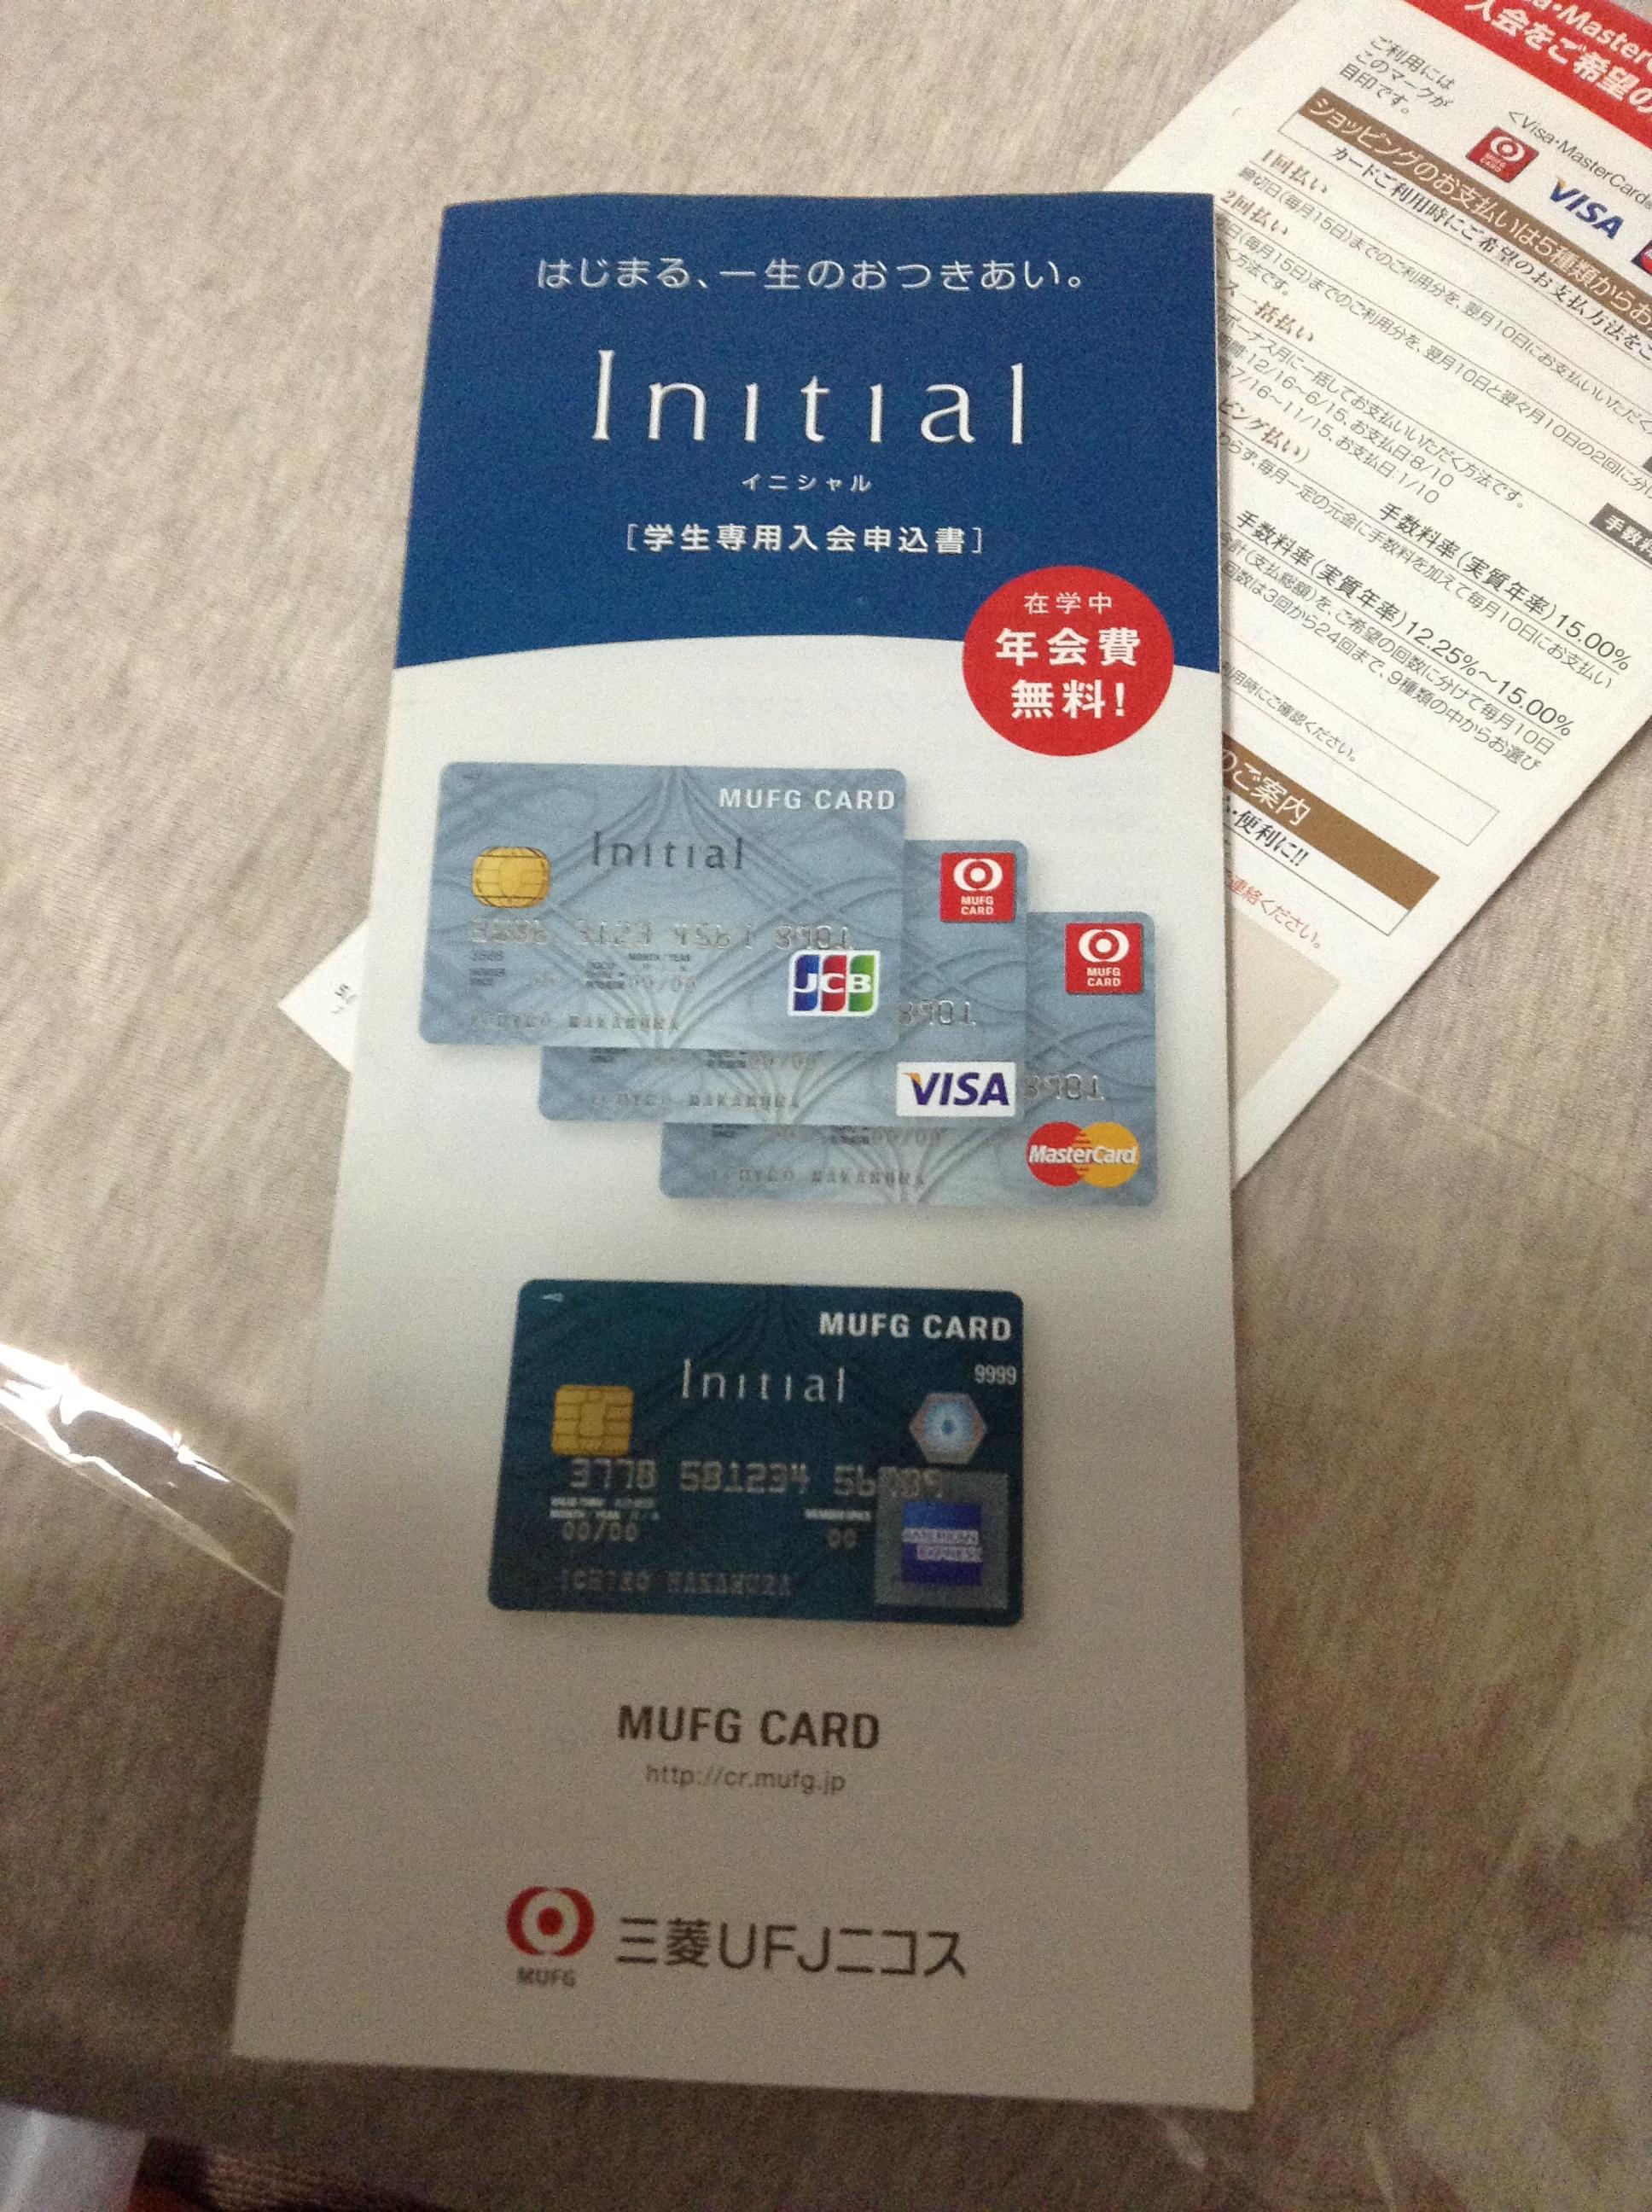 海外送金 東京三菱ufj 三菱UFJ銀行から海外送金する3つの方法